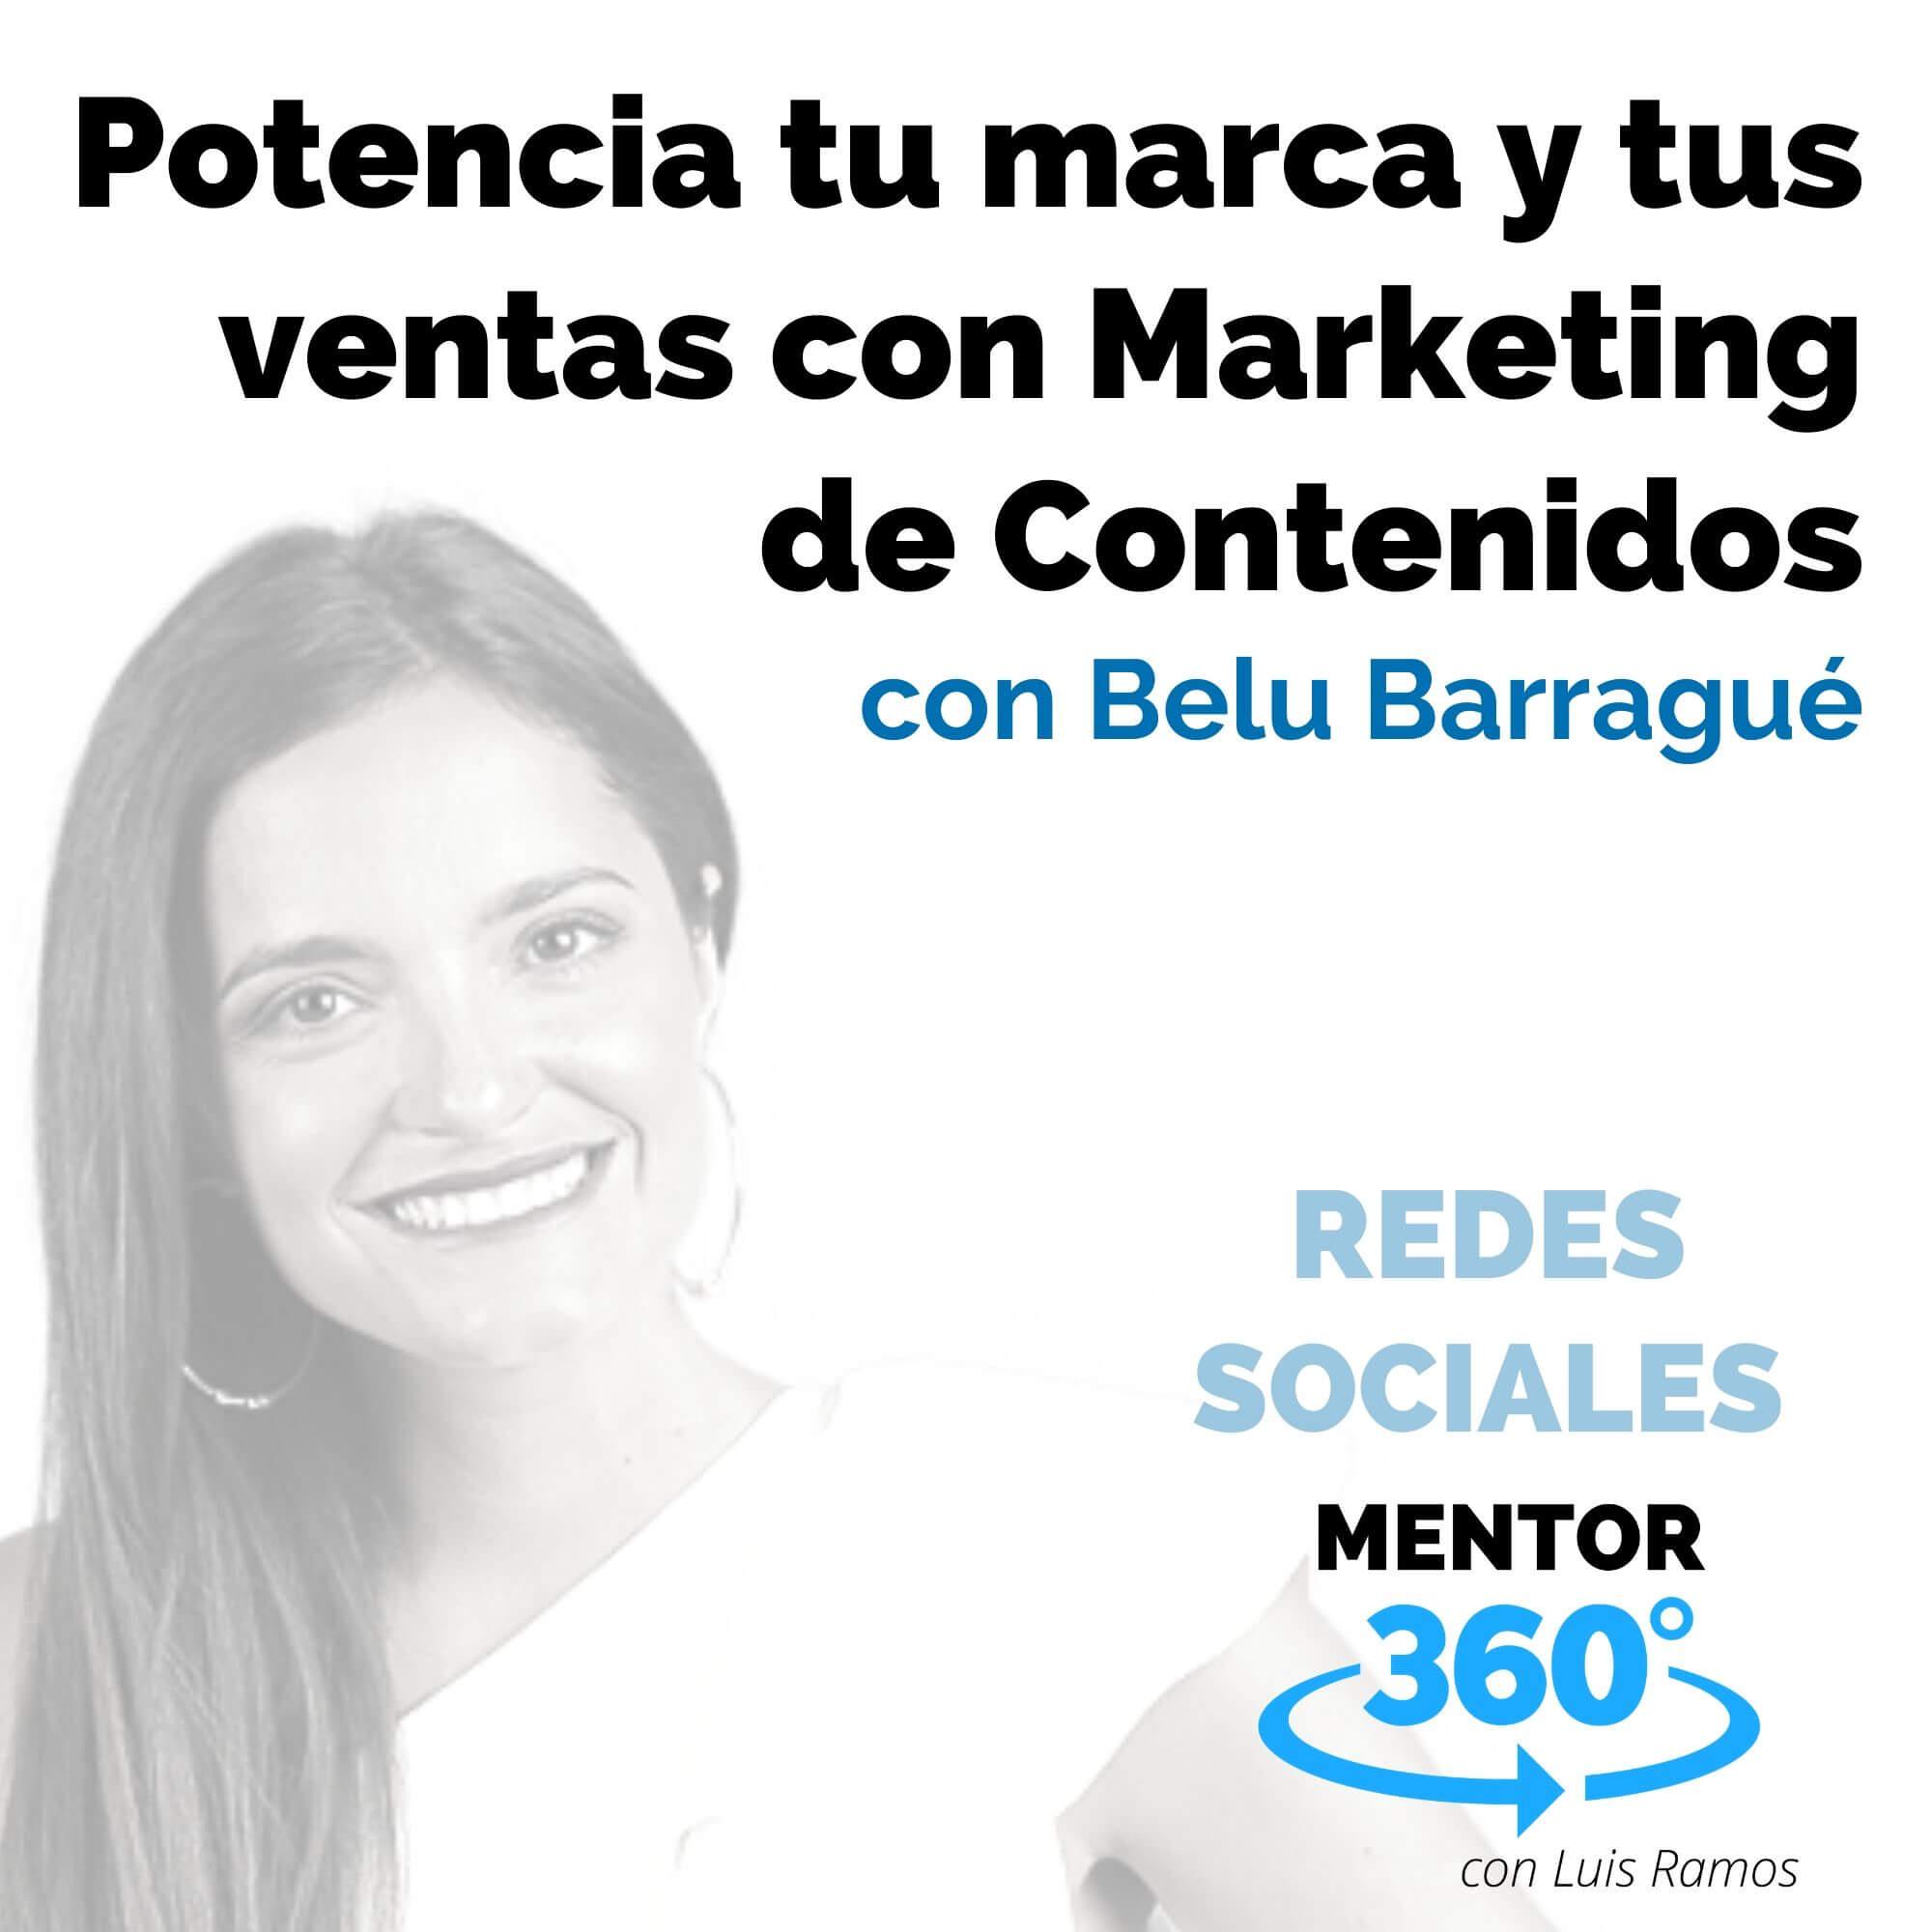 Potencia tu marca y tus ventas con Marketing de Contenidos, con Belu Barragué - REDES SOCIALES